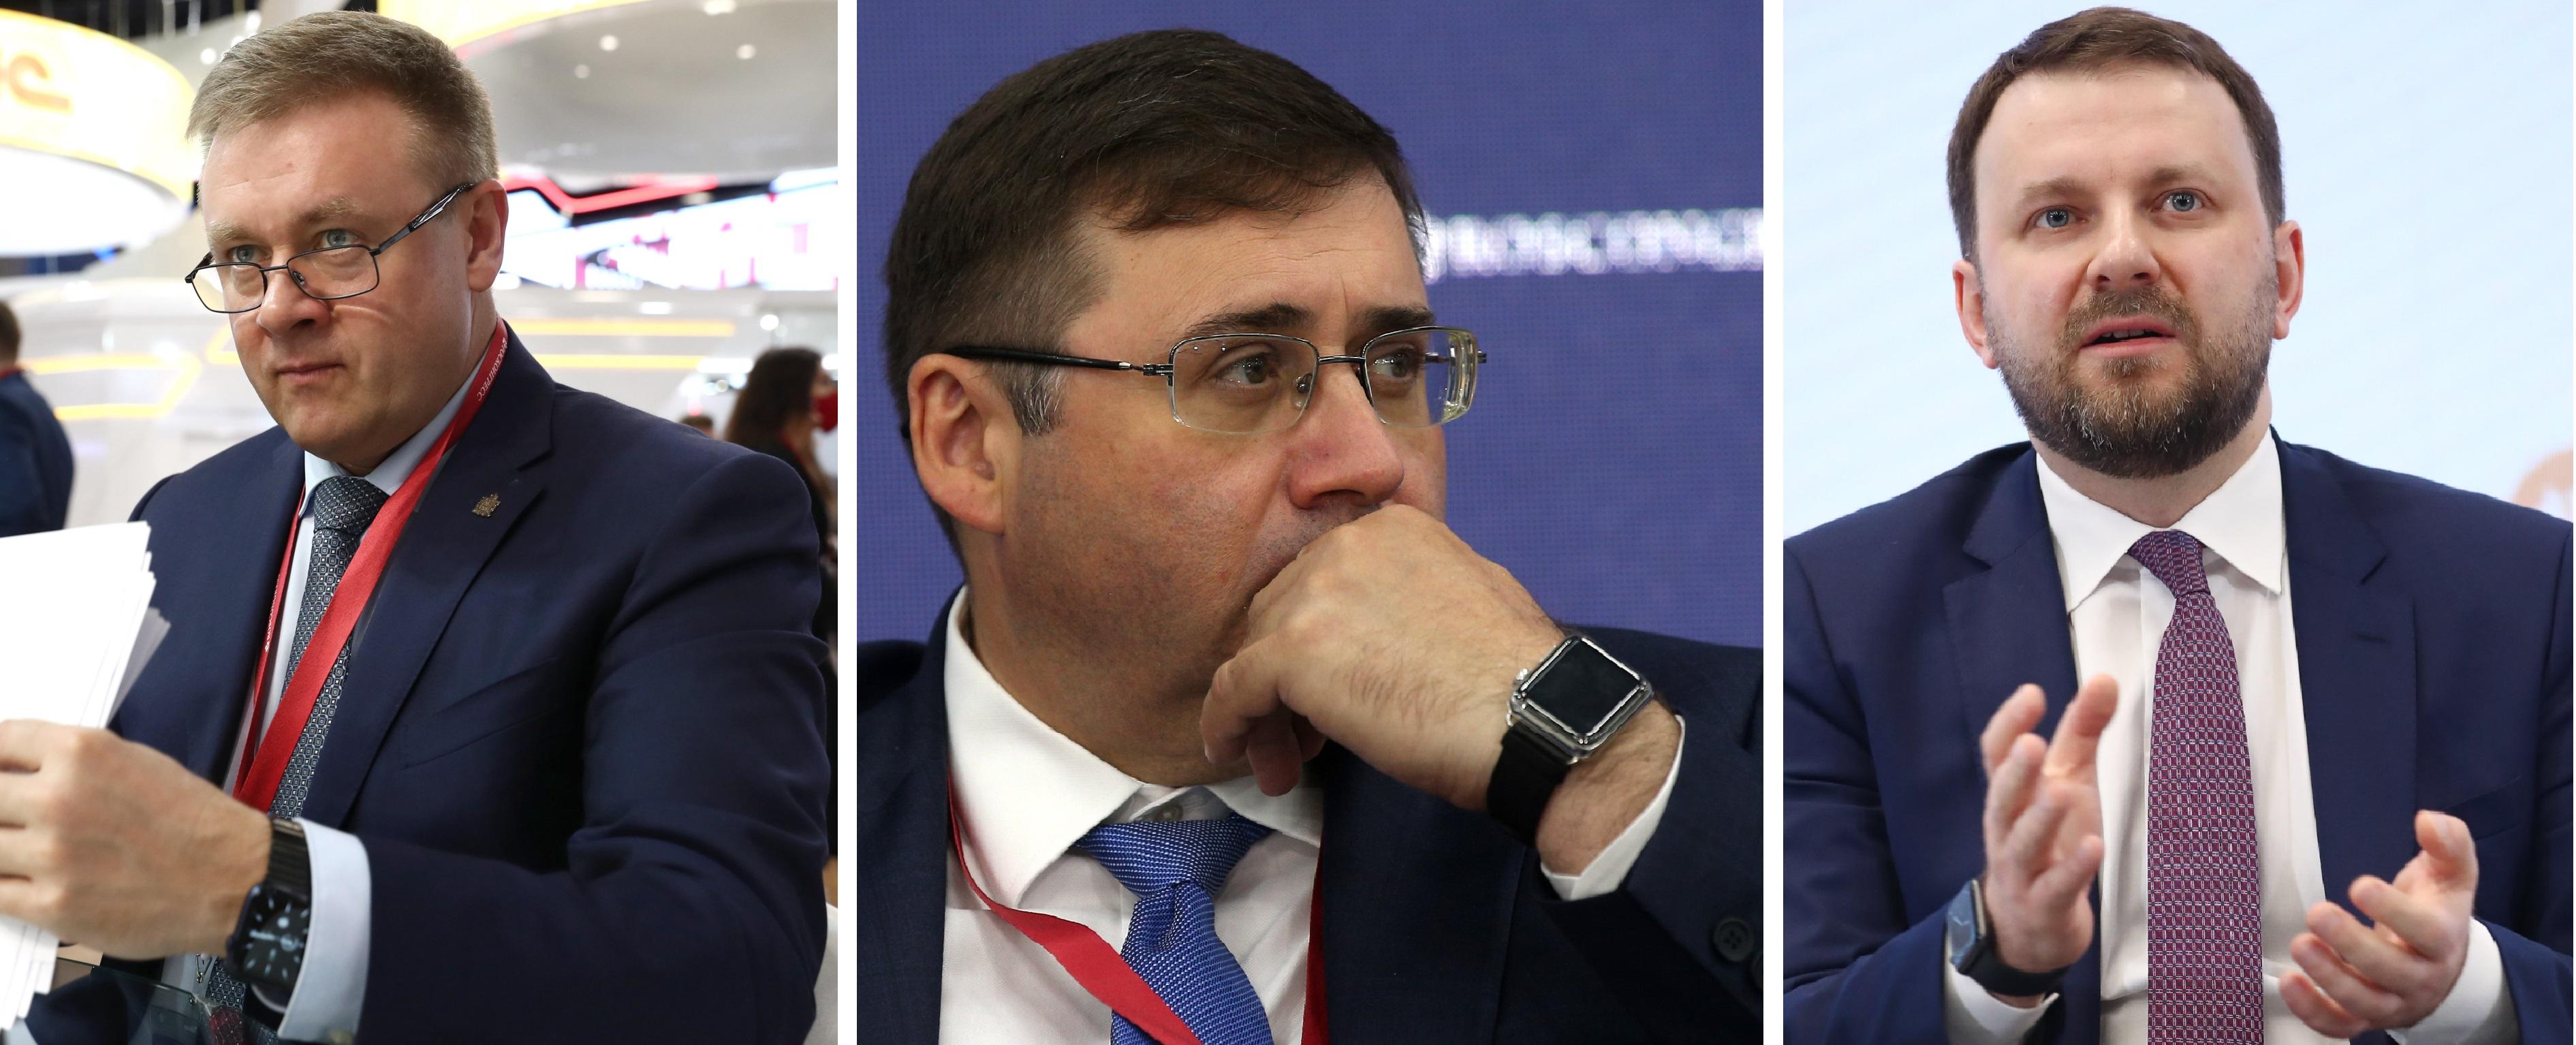 Слева направо: Николай Любимов, Сергей Швецов, Максим Орешкин